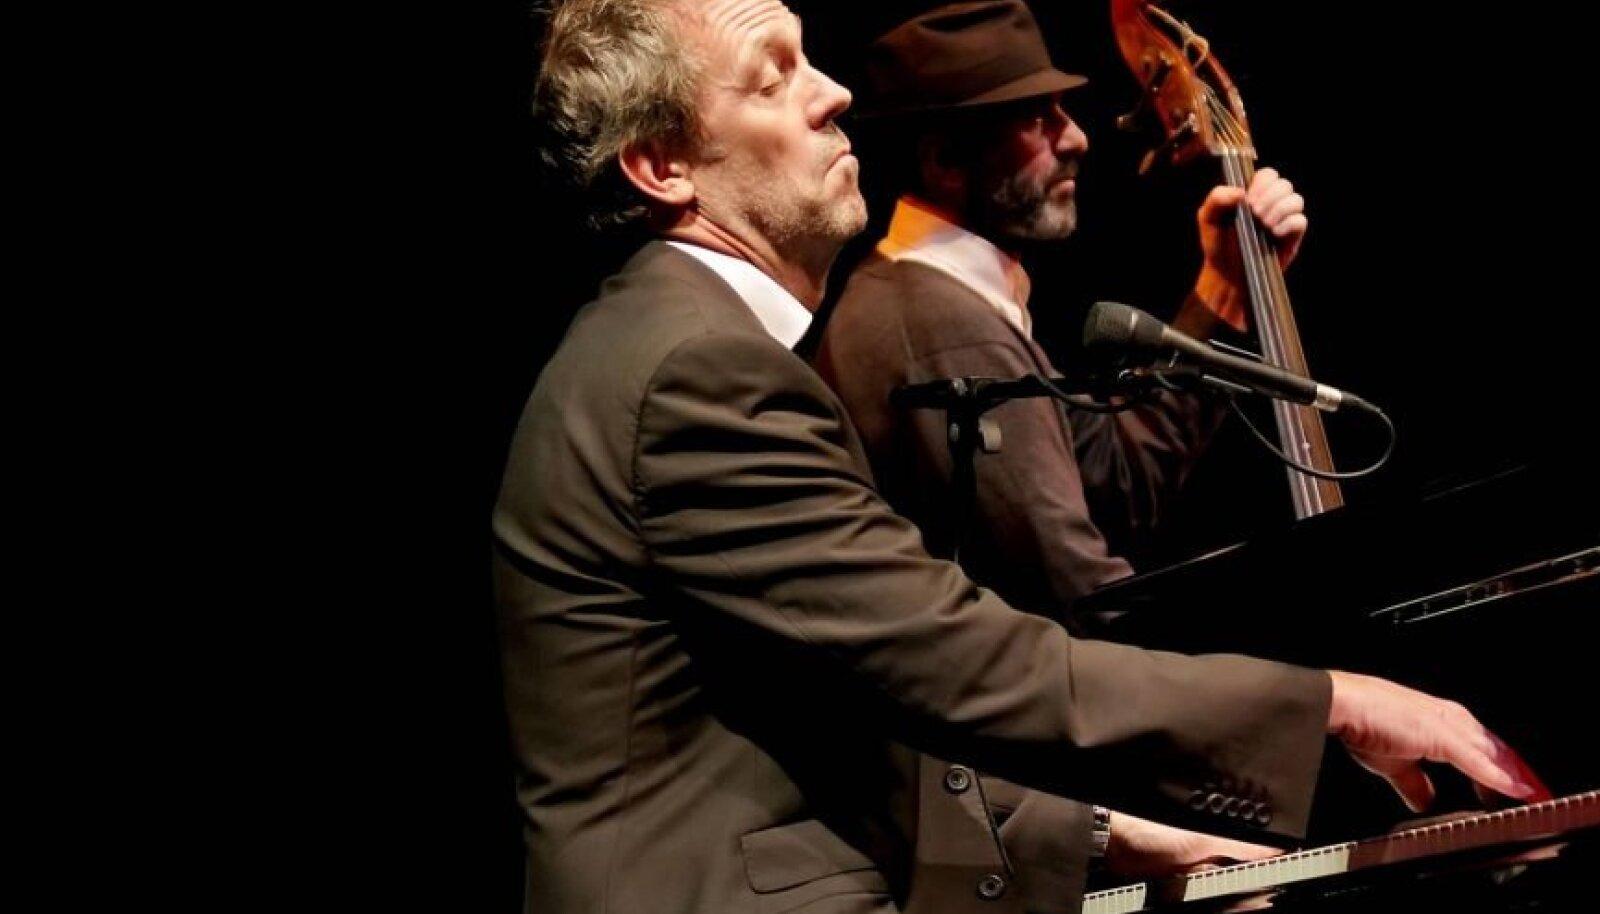 Hugh Laurie on tõeline multitalent, kes teeb sporti, mängib pilli, laulab ja kirjutab